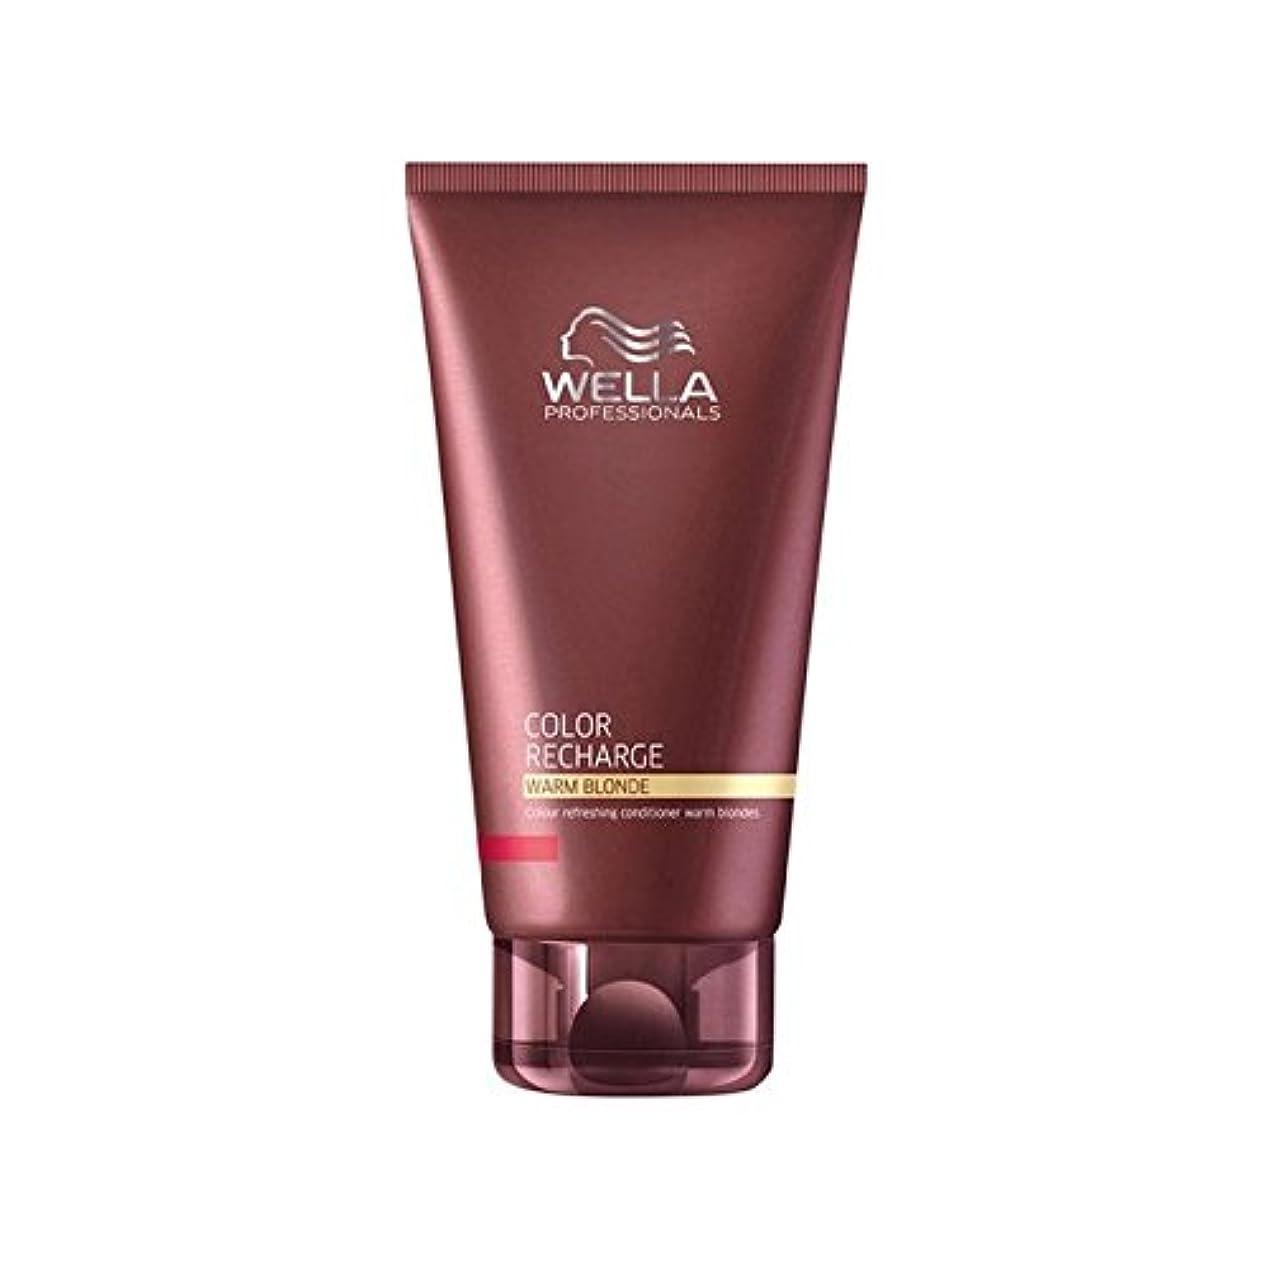 移植拮抗するバルーンウエラ専門家のカラー再充電コンディショナー暖かいブロンド(200ミリリットル) x2 - Wella Professionals Color Recharge Conditioner Warm Blonde (200ml...